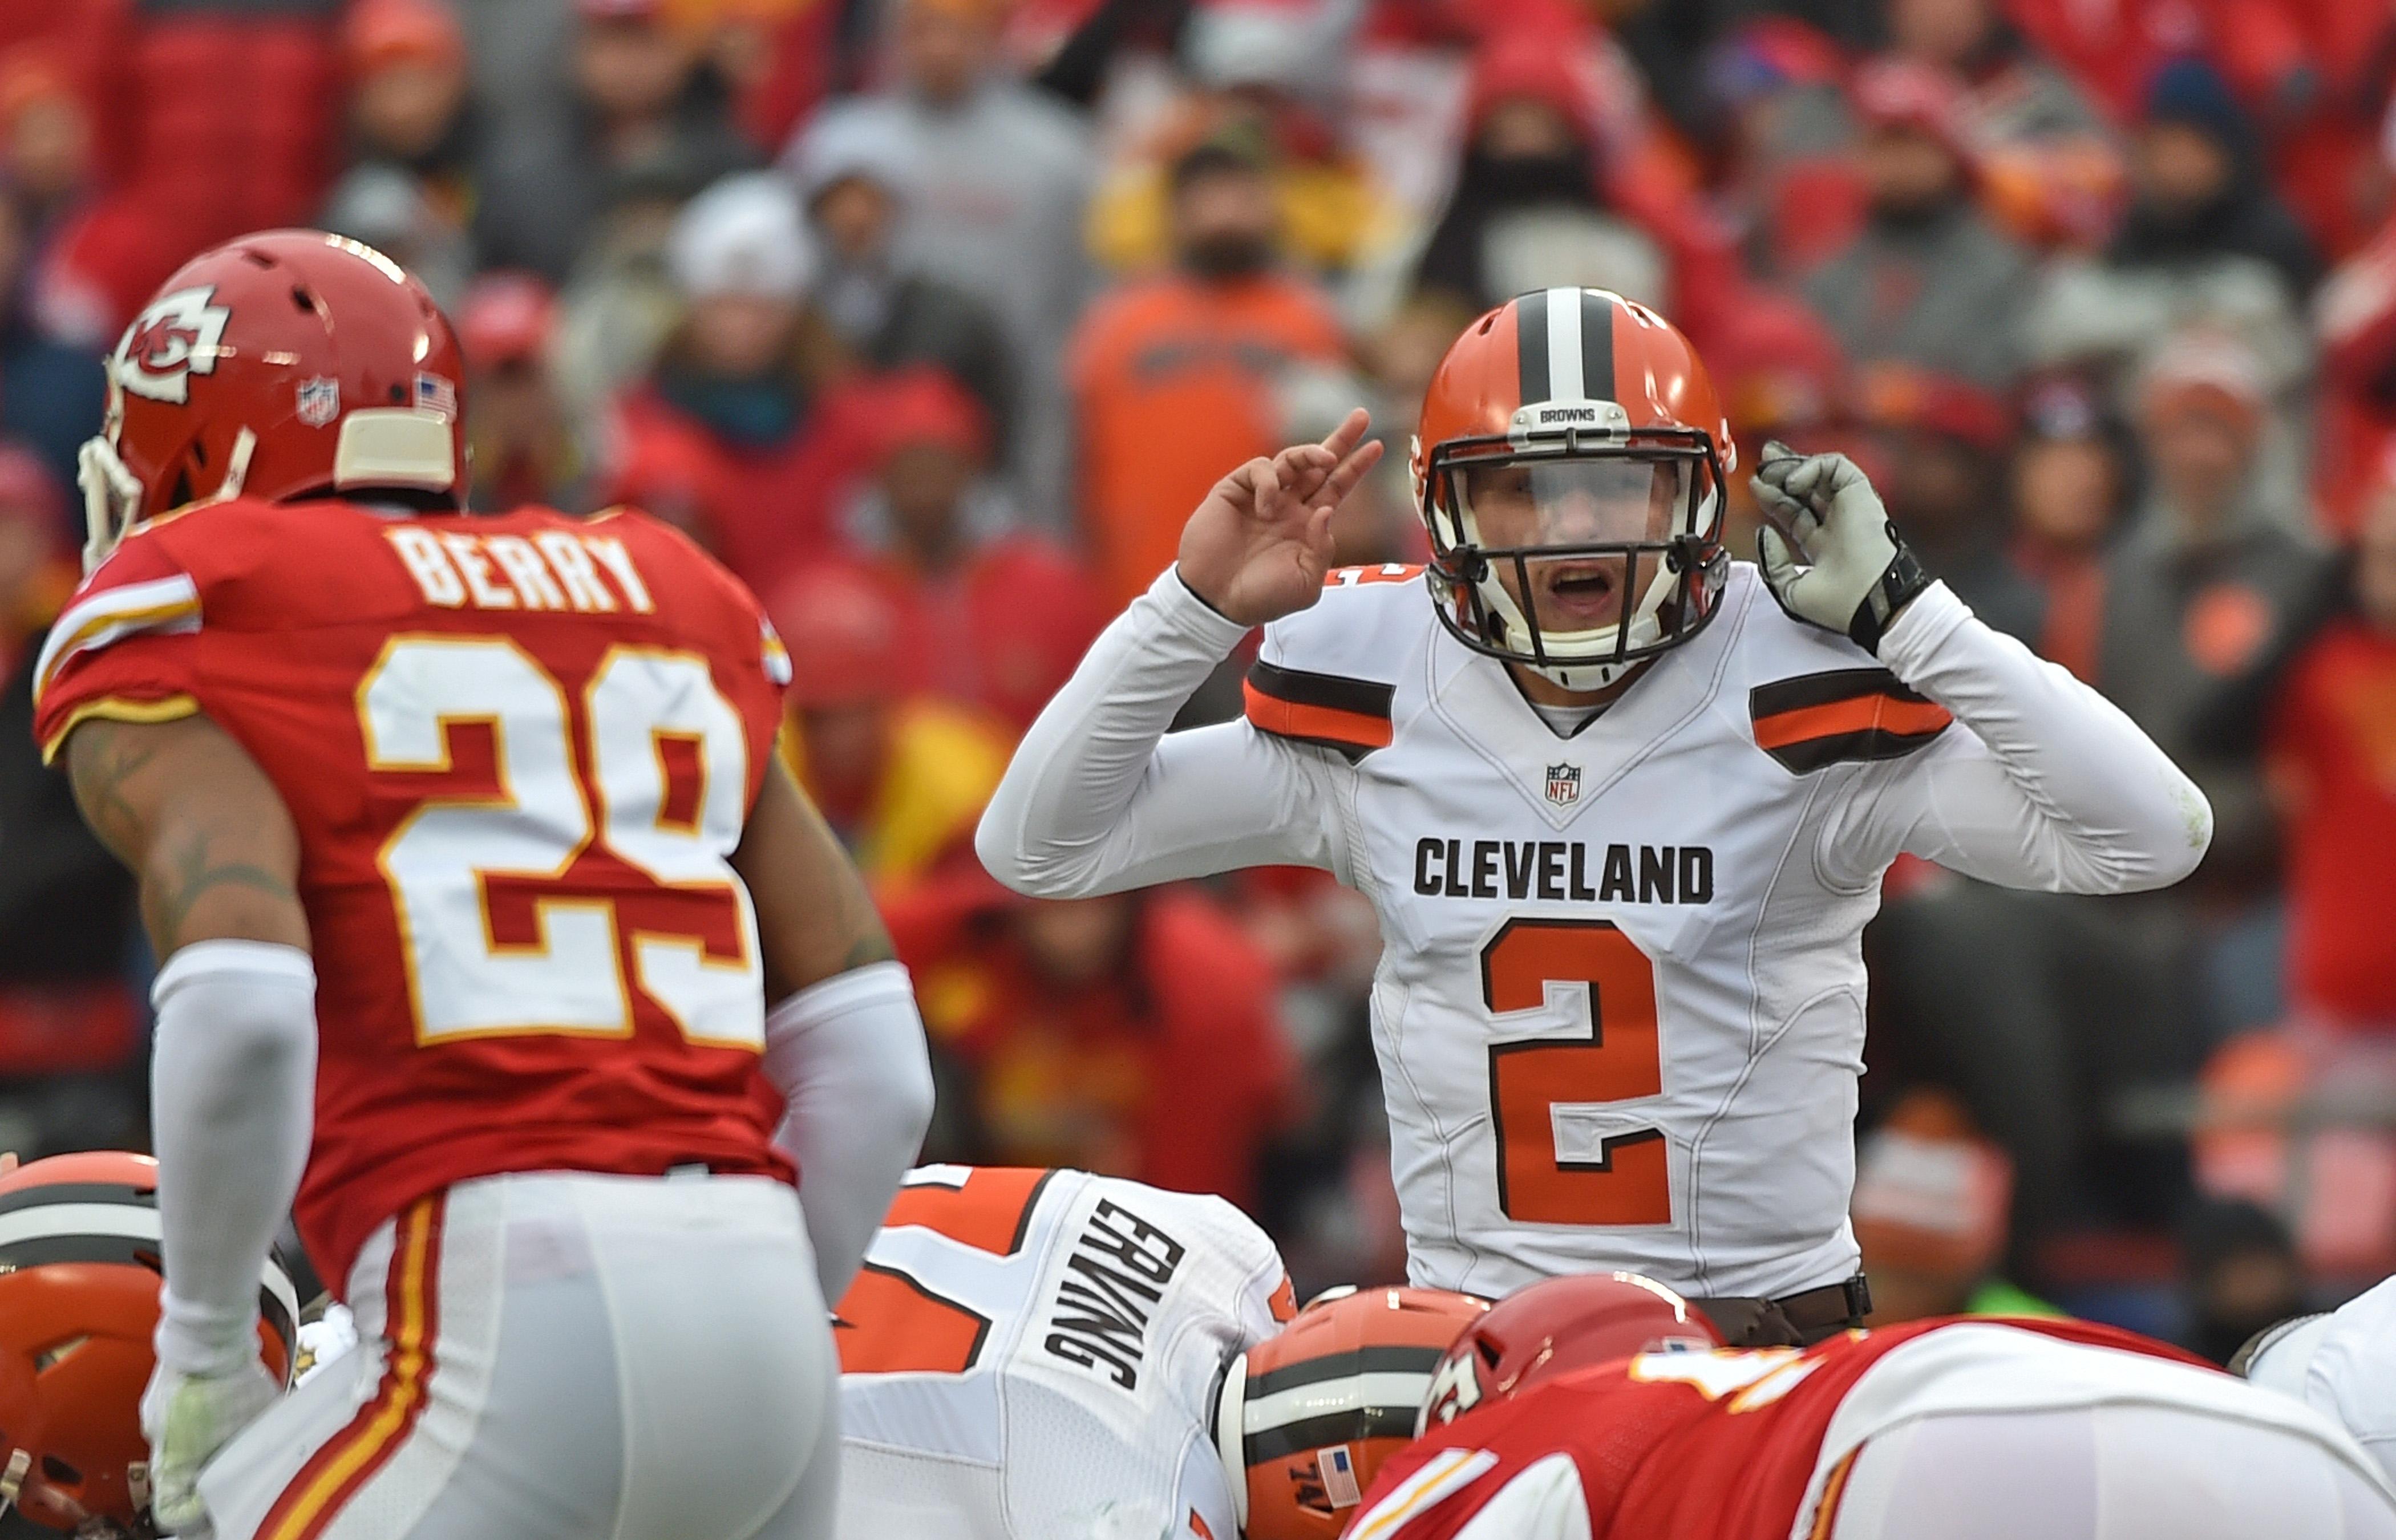 Cleveland Browns v Kansas City Chiefs